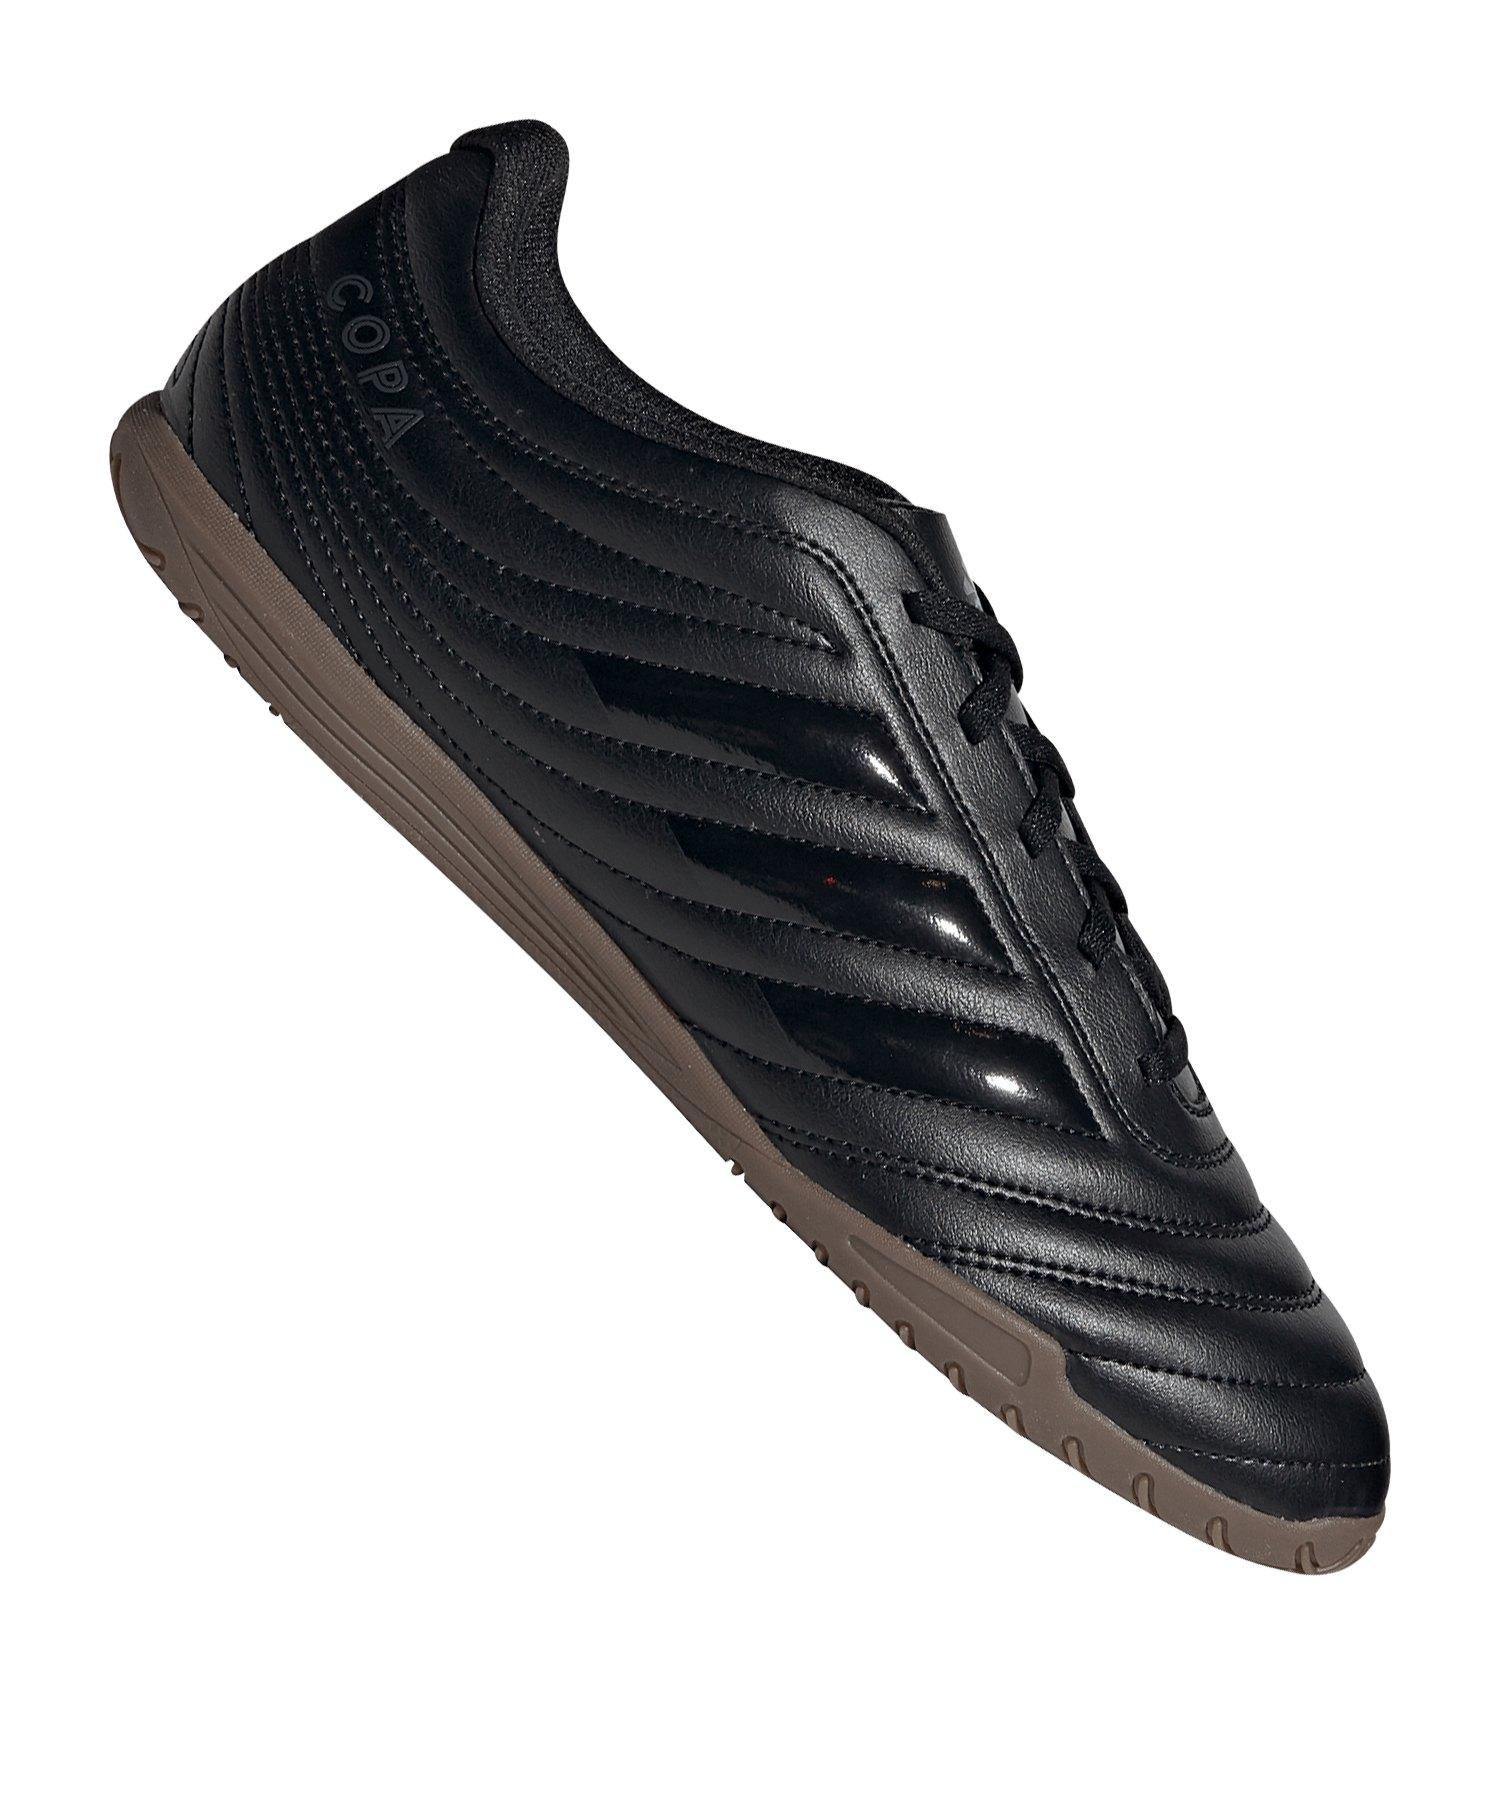 adidas COPA 20.4 IN Halle Schwarz Grau - schwarz